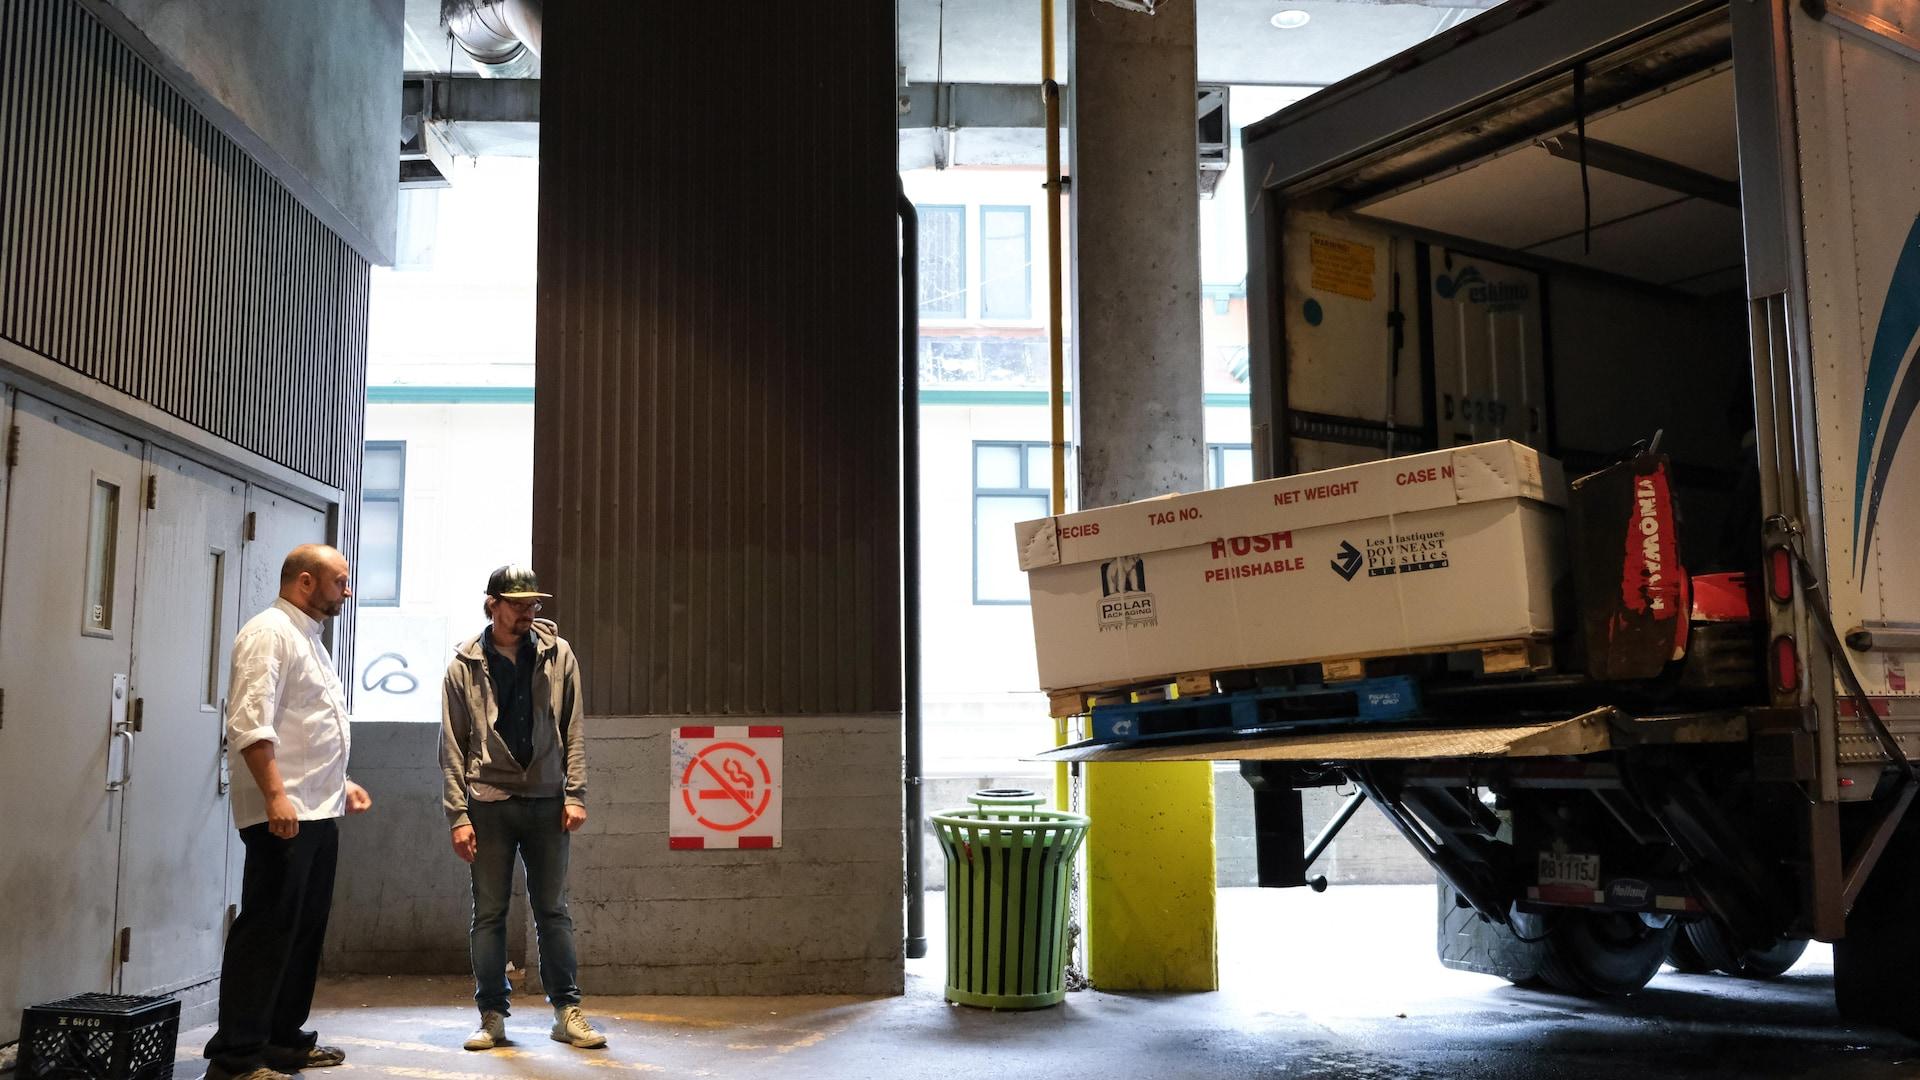 Deux hommes dans un entrepôt attendent un camion de livraison